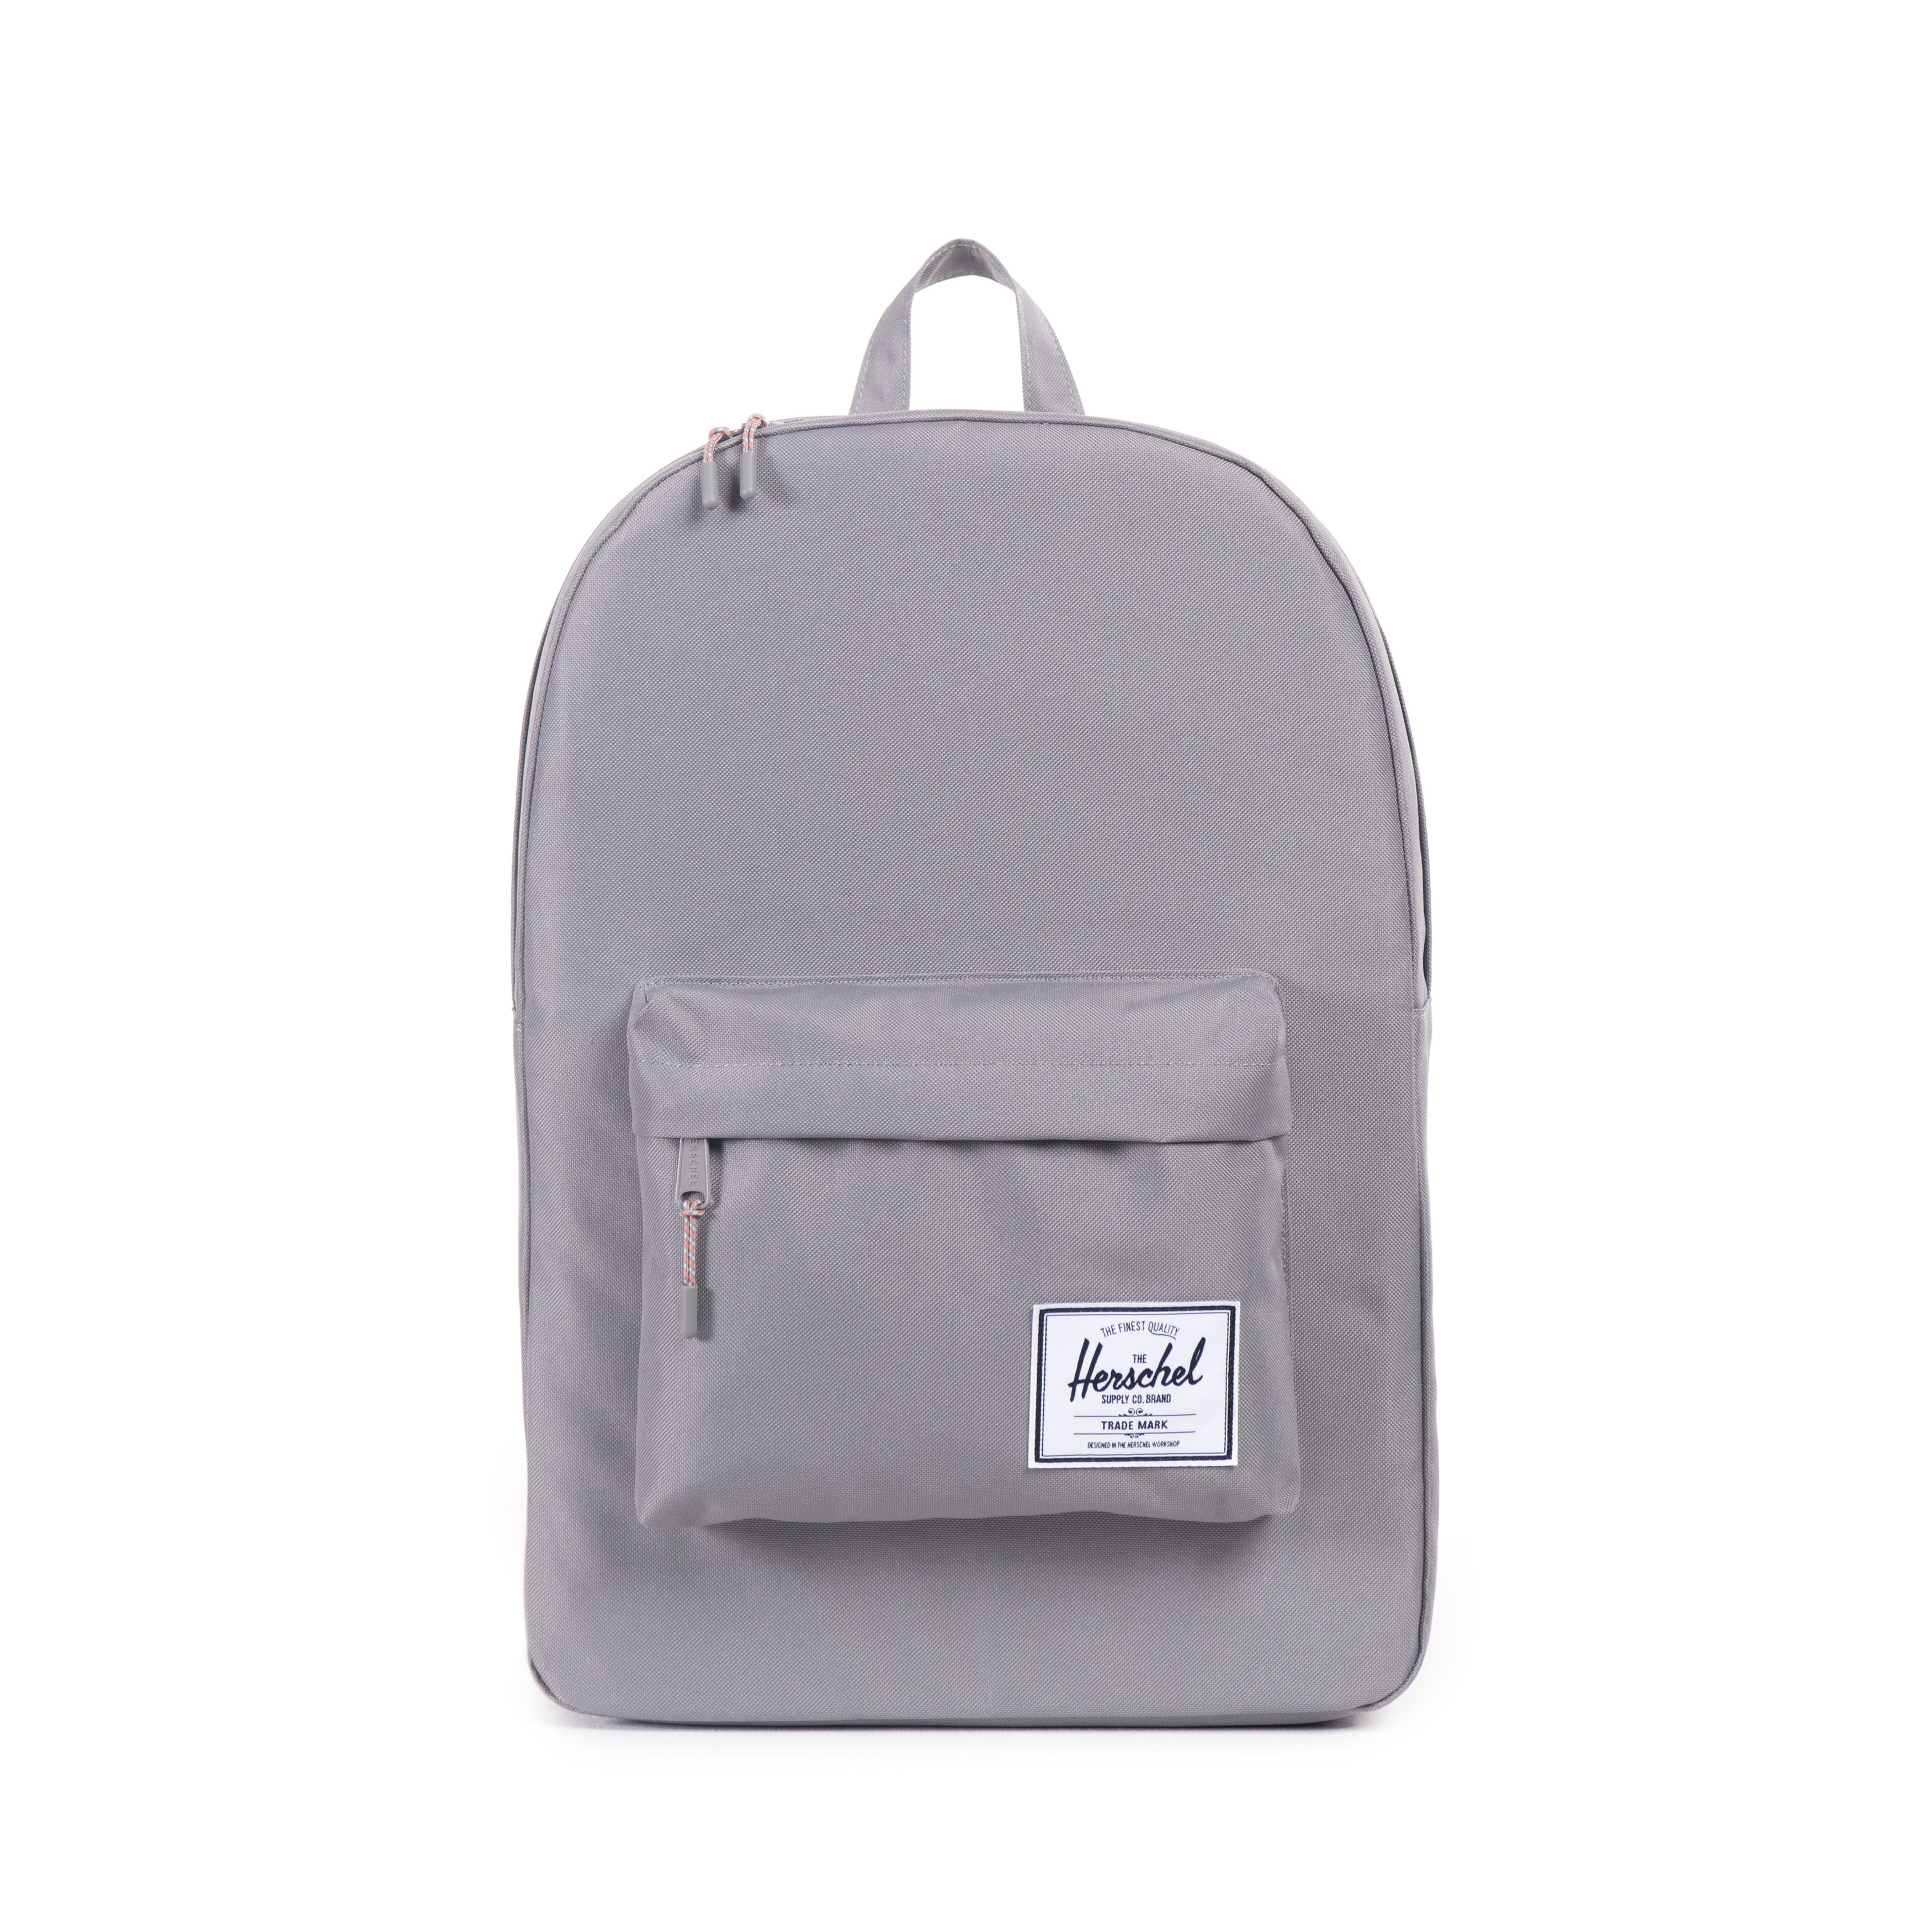 Herschel Rucksack Classic Backpack grey 10001-00006 F18-HT1